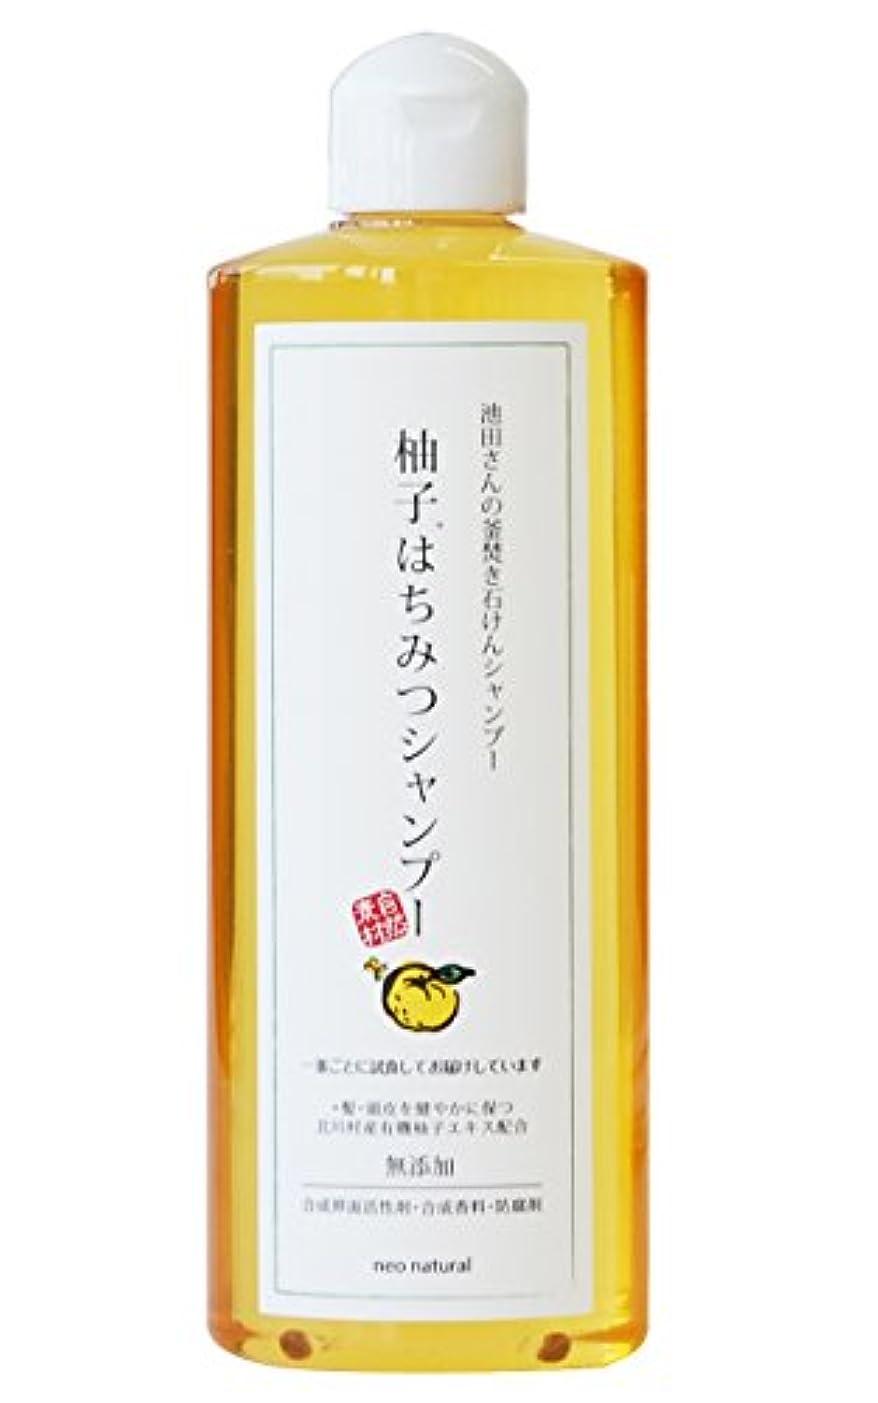 取る物語レベルネオナチュラル 柚子はちみつシャンプー 300ml